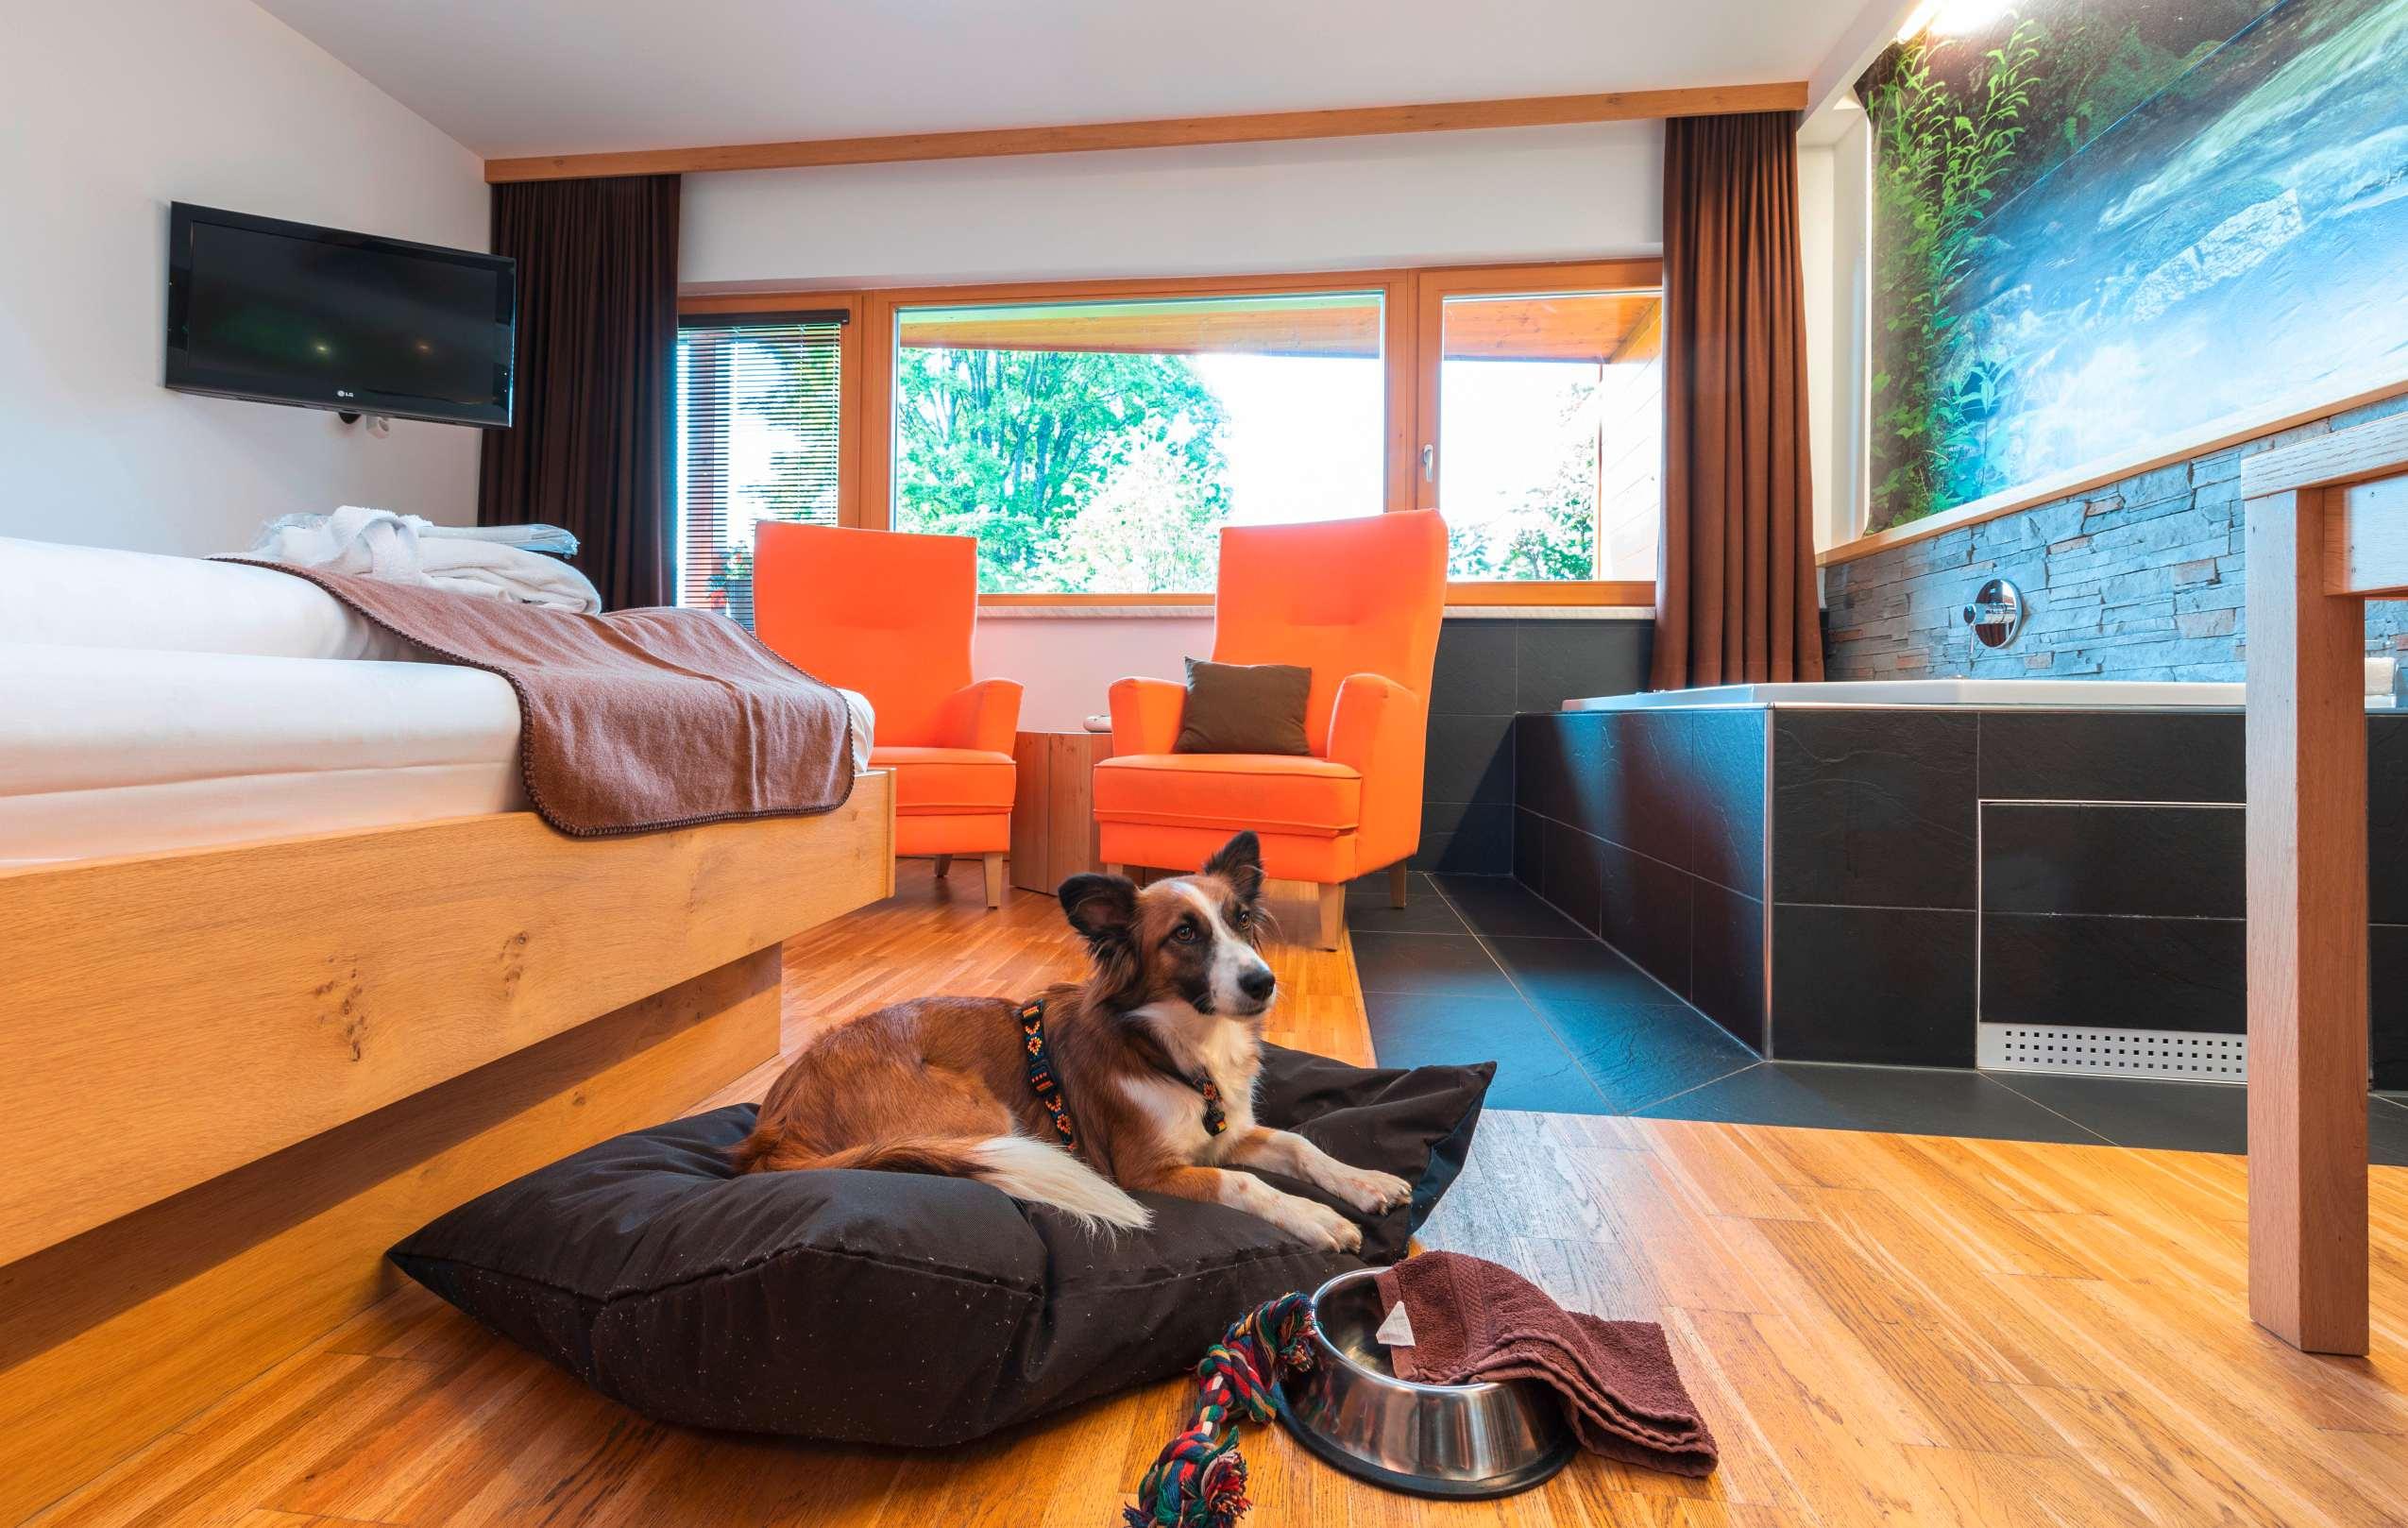 Hotelzimmer in dem ein Hund auf eigenem Hundebett liegt